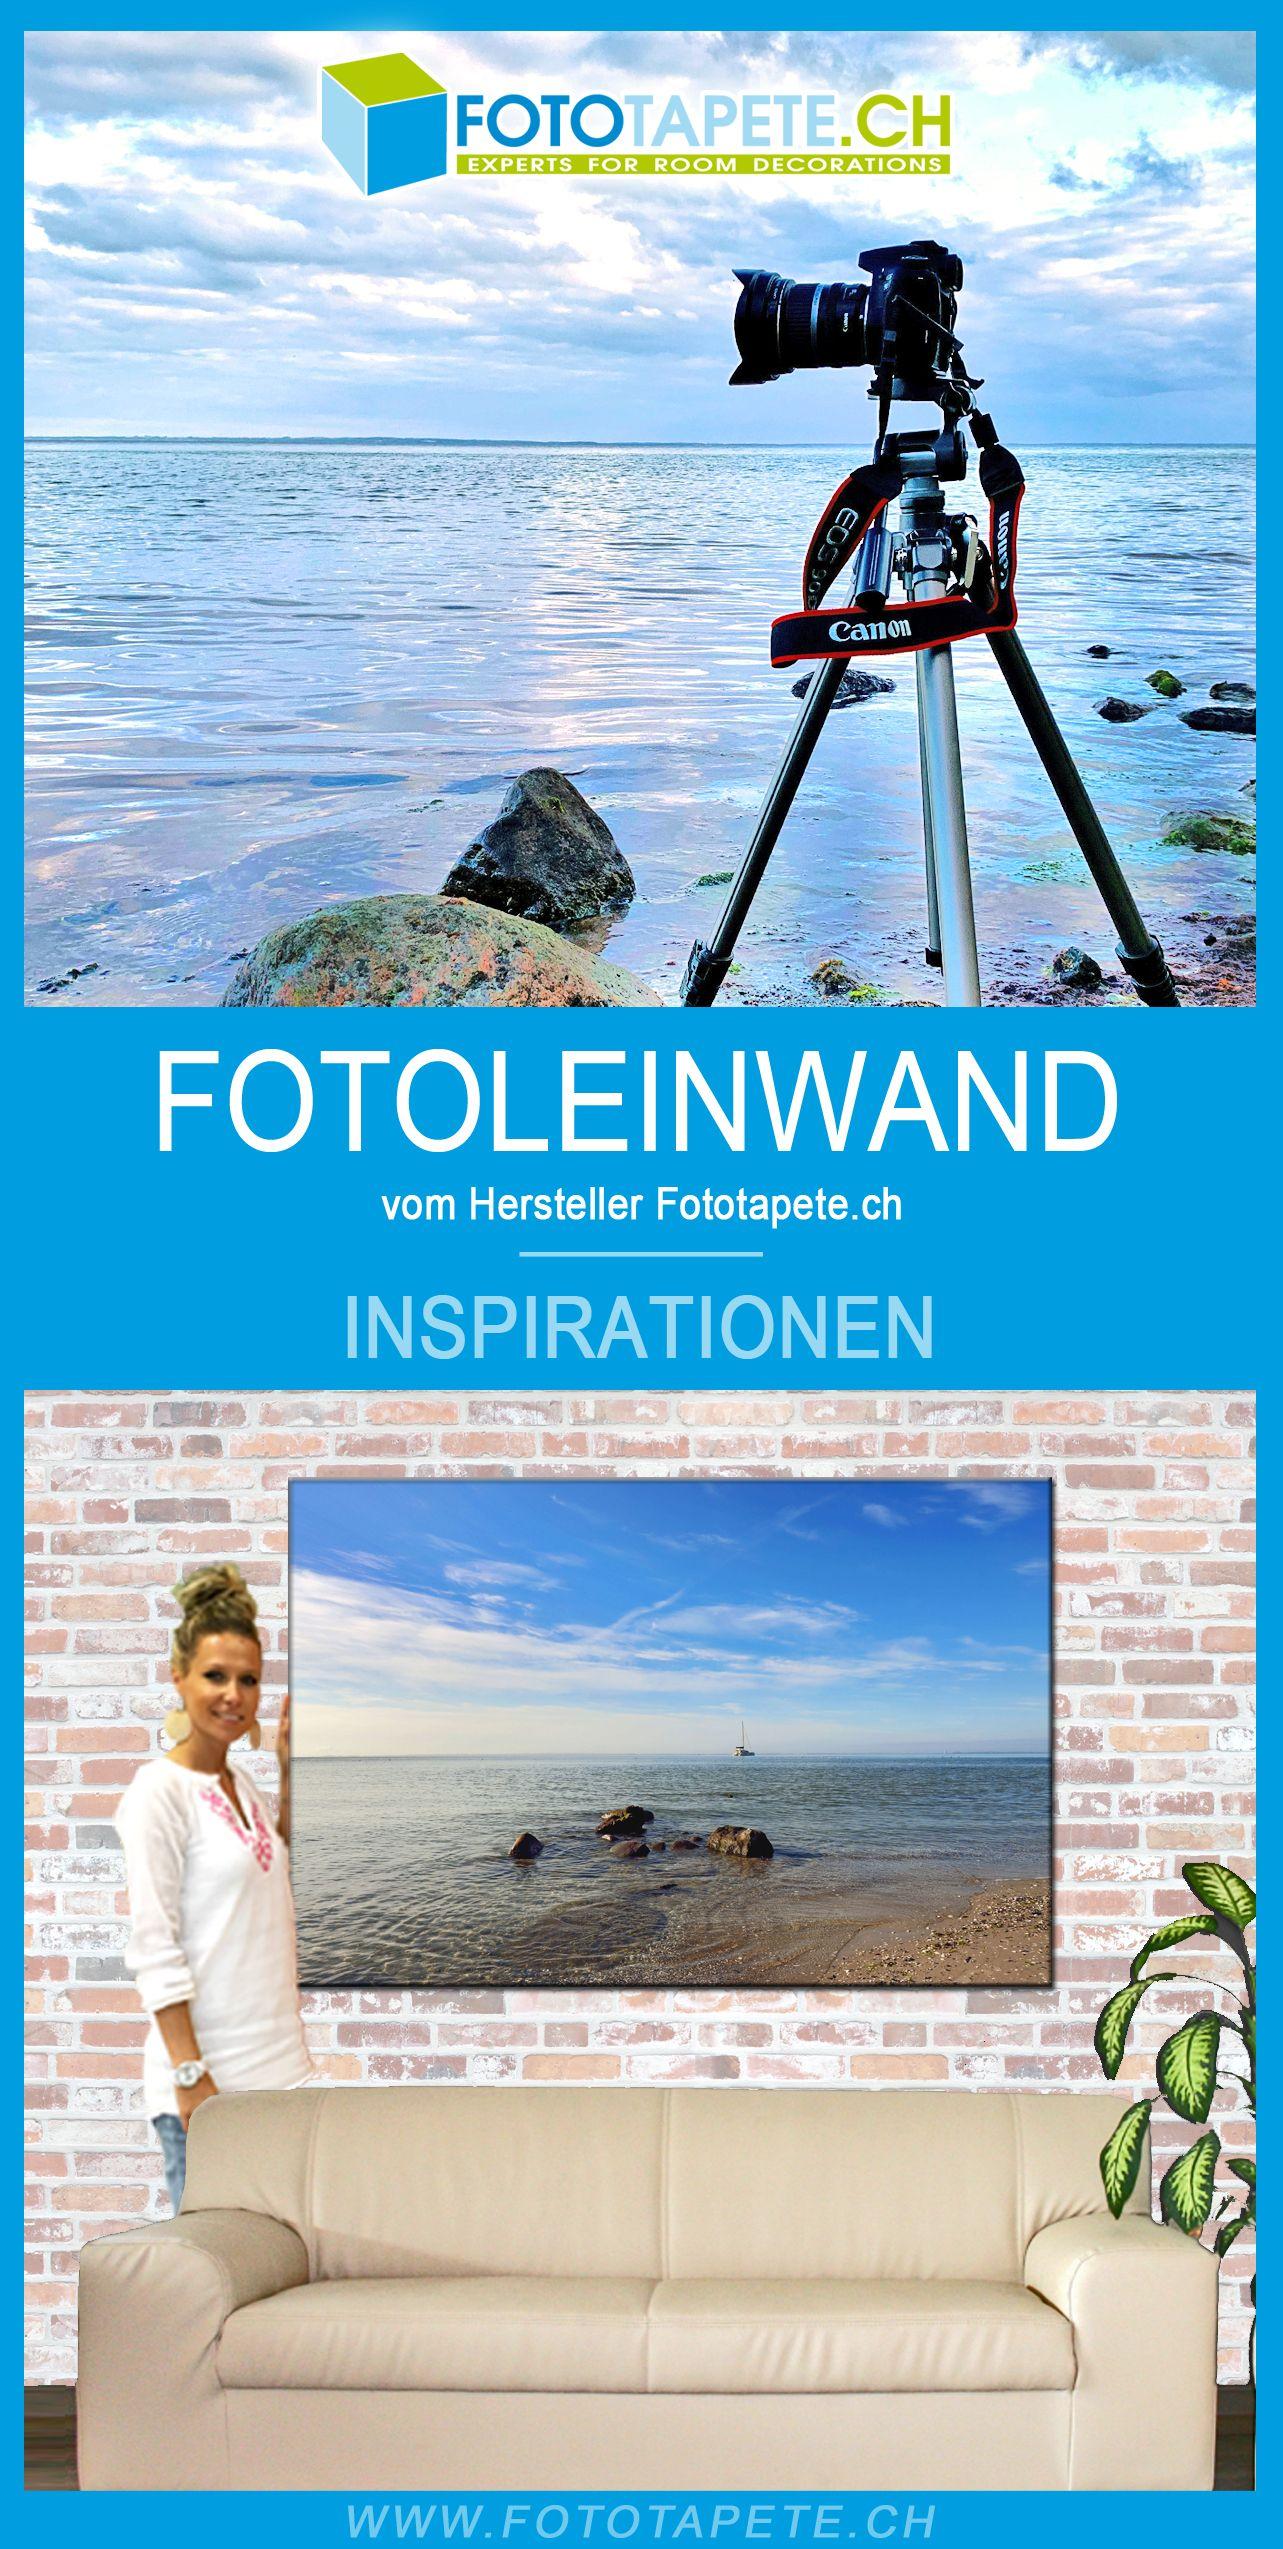 foto auf leinwand gedruckt als wandbild in xxl fotoleinwand drucken hochwertige poster günstig